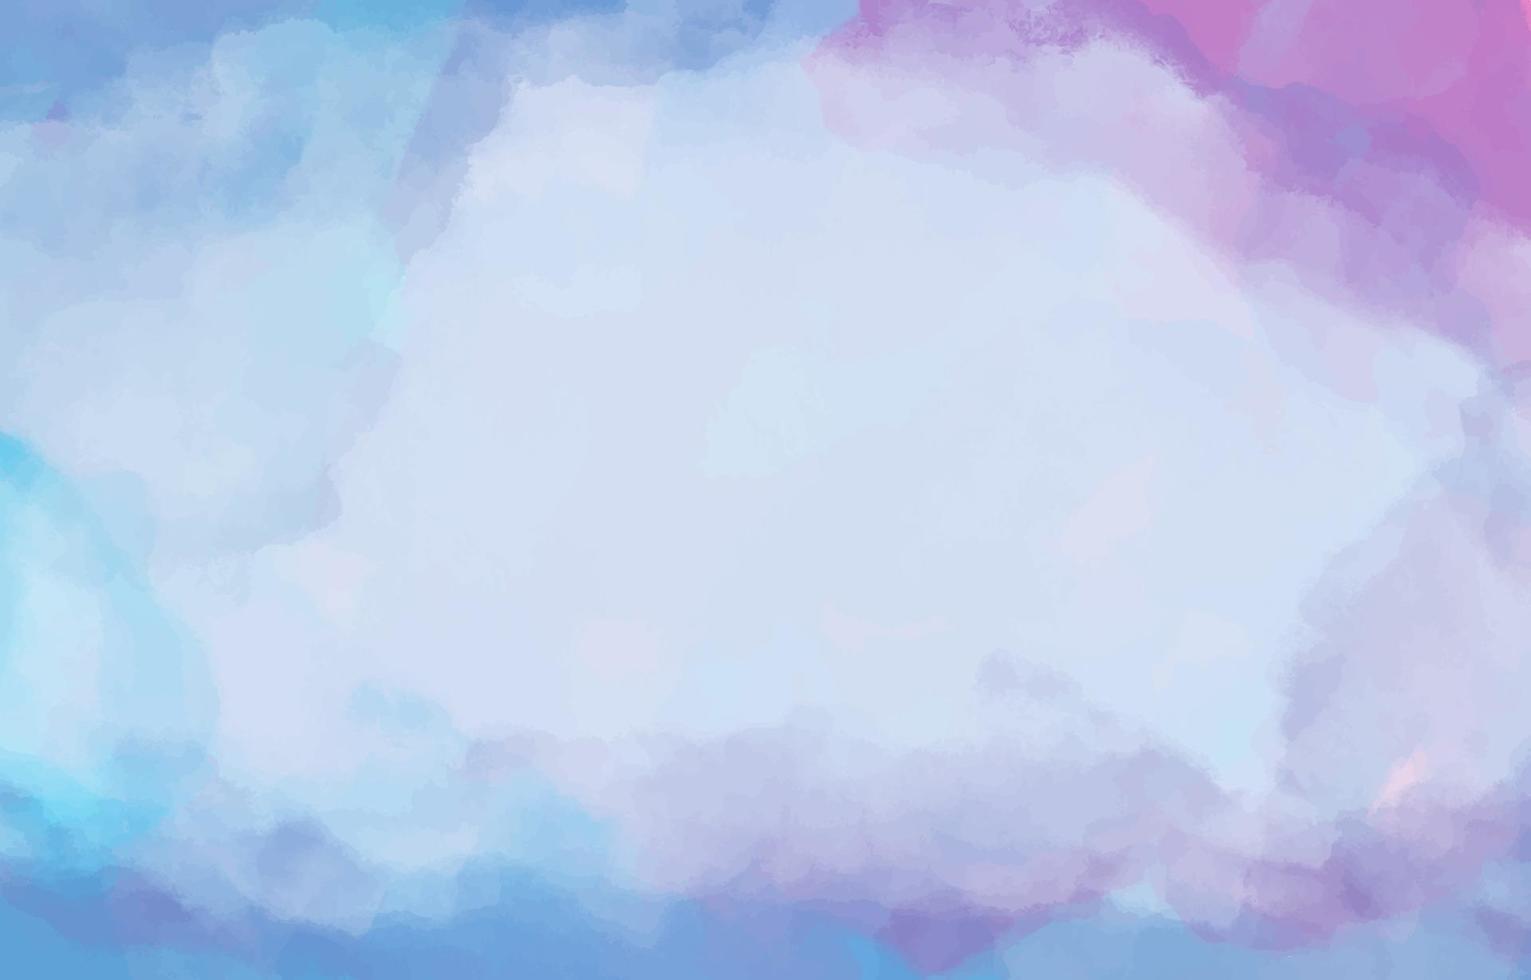 abstracte aquarel textuur achtergrond vector